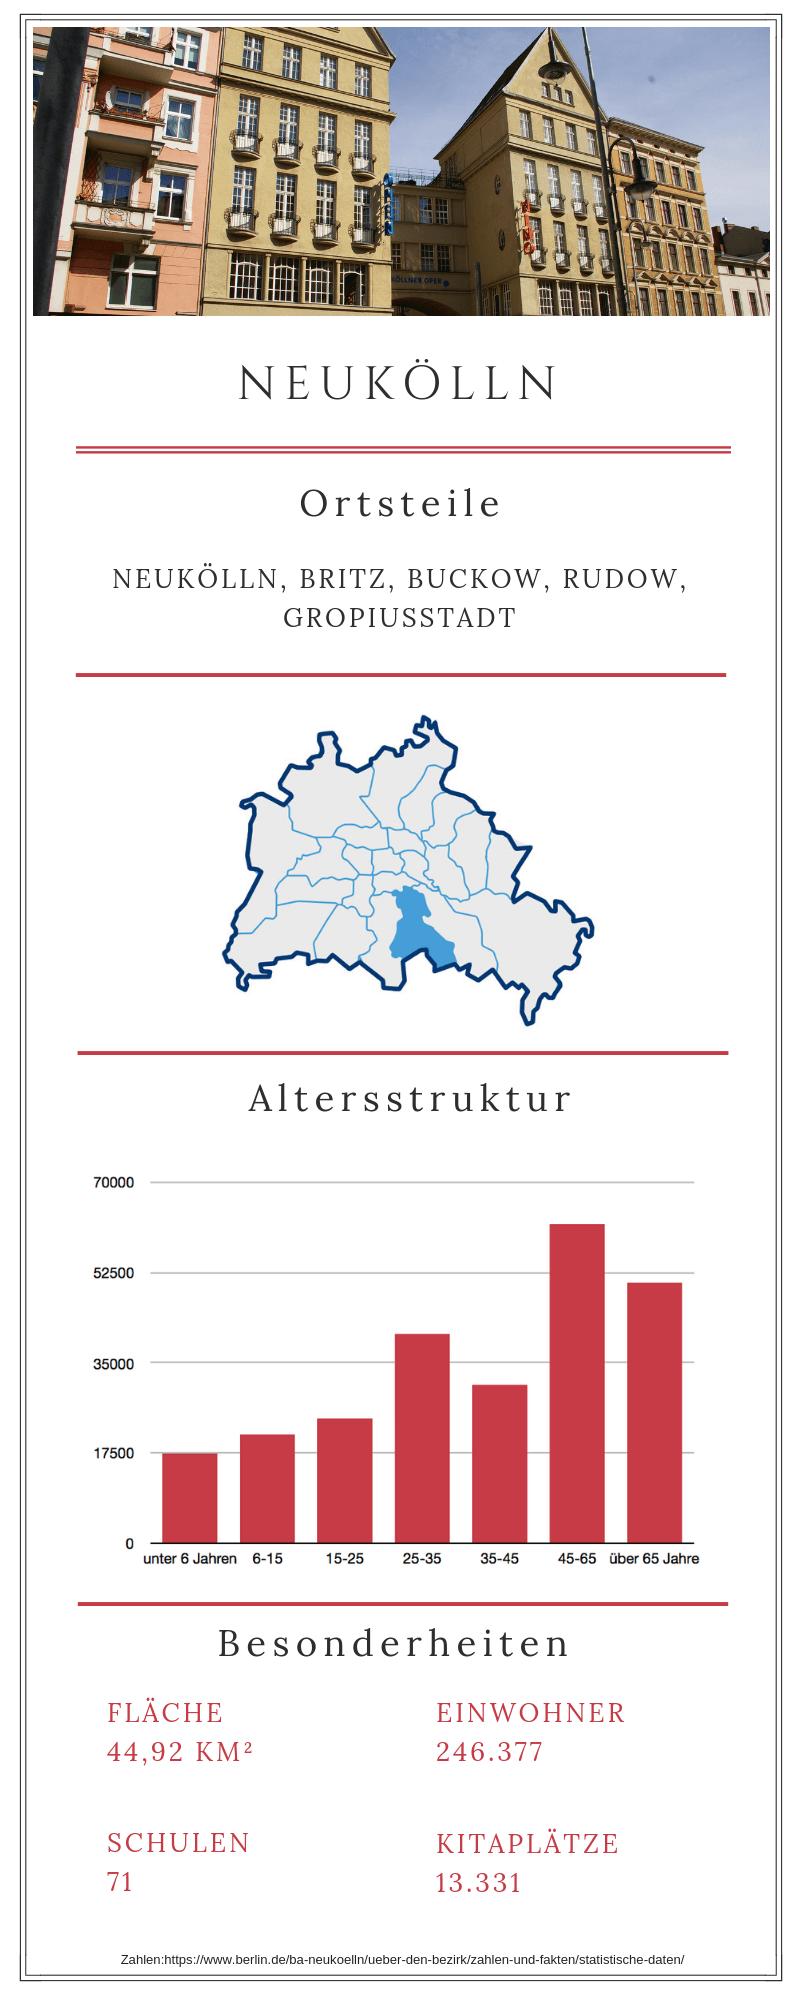 Grafische Darstellung des Berliner Bezirks Neukölln